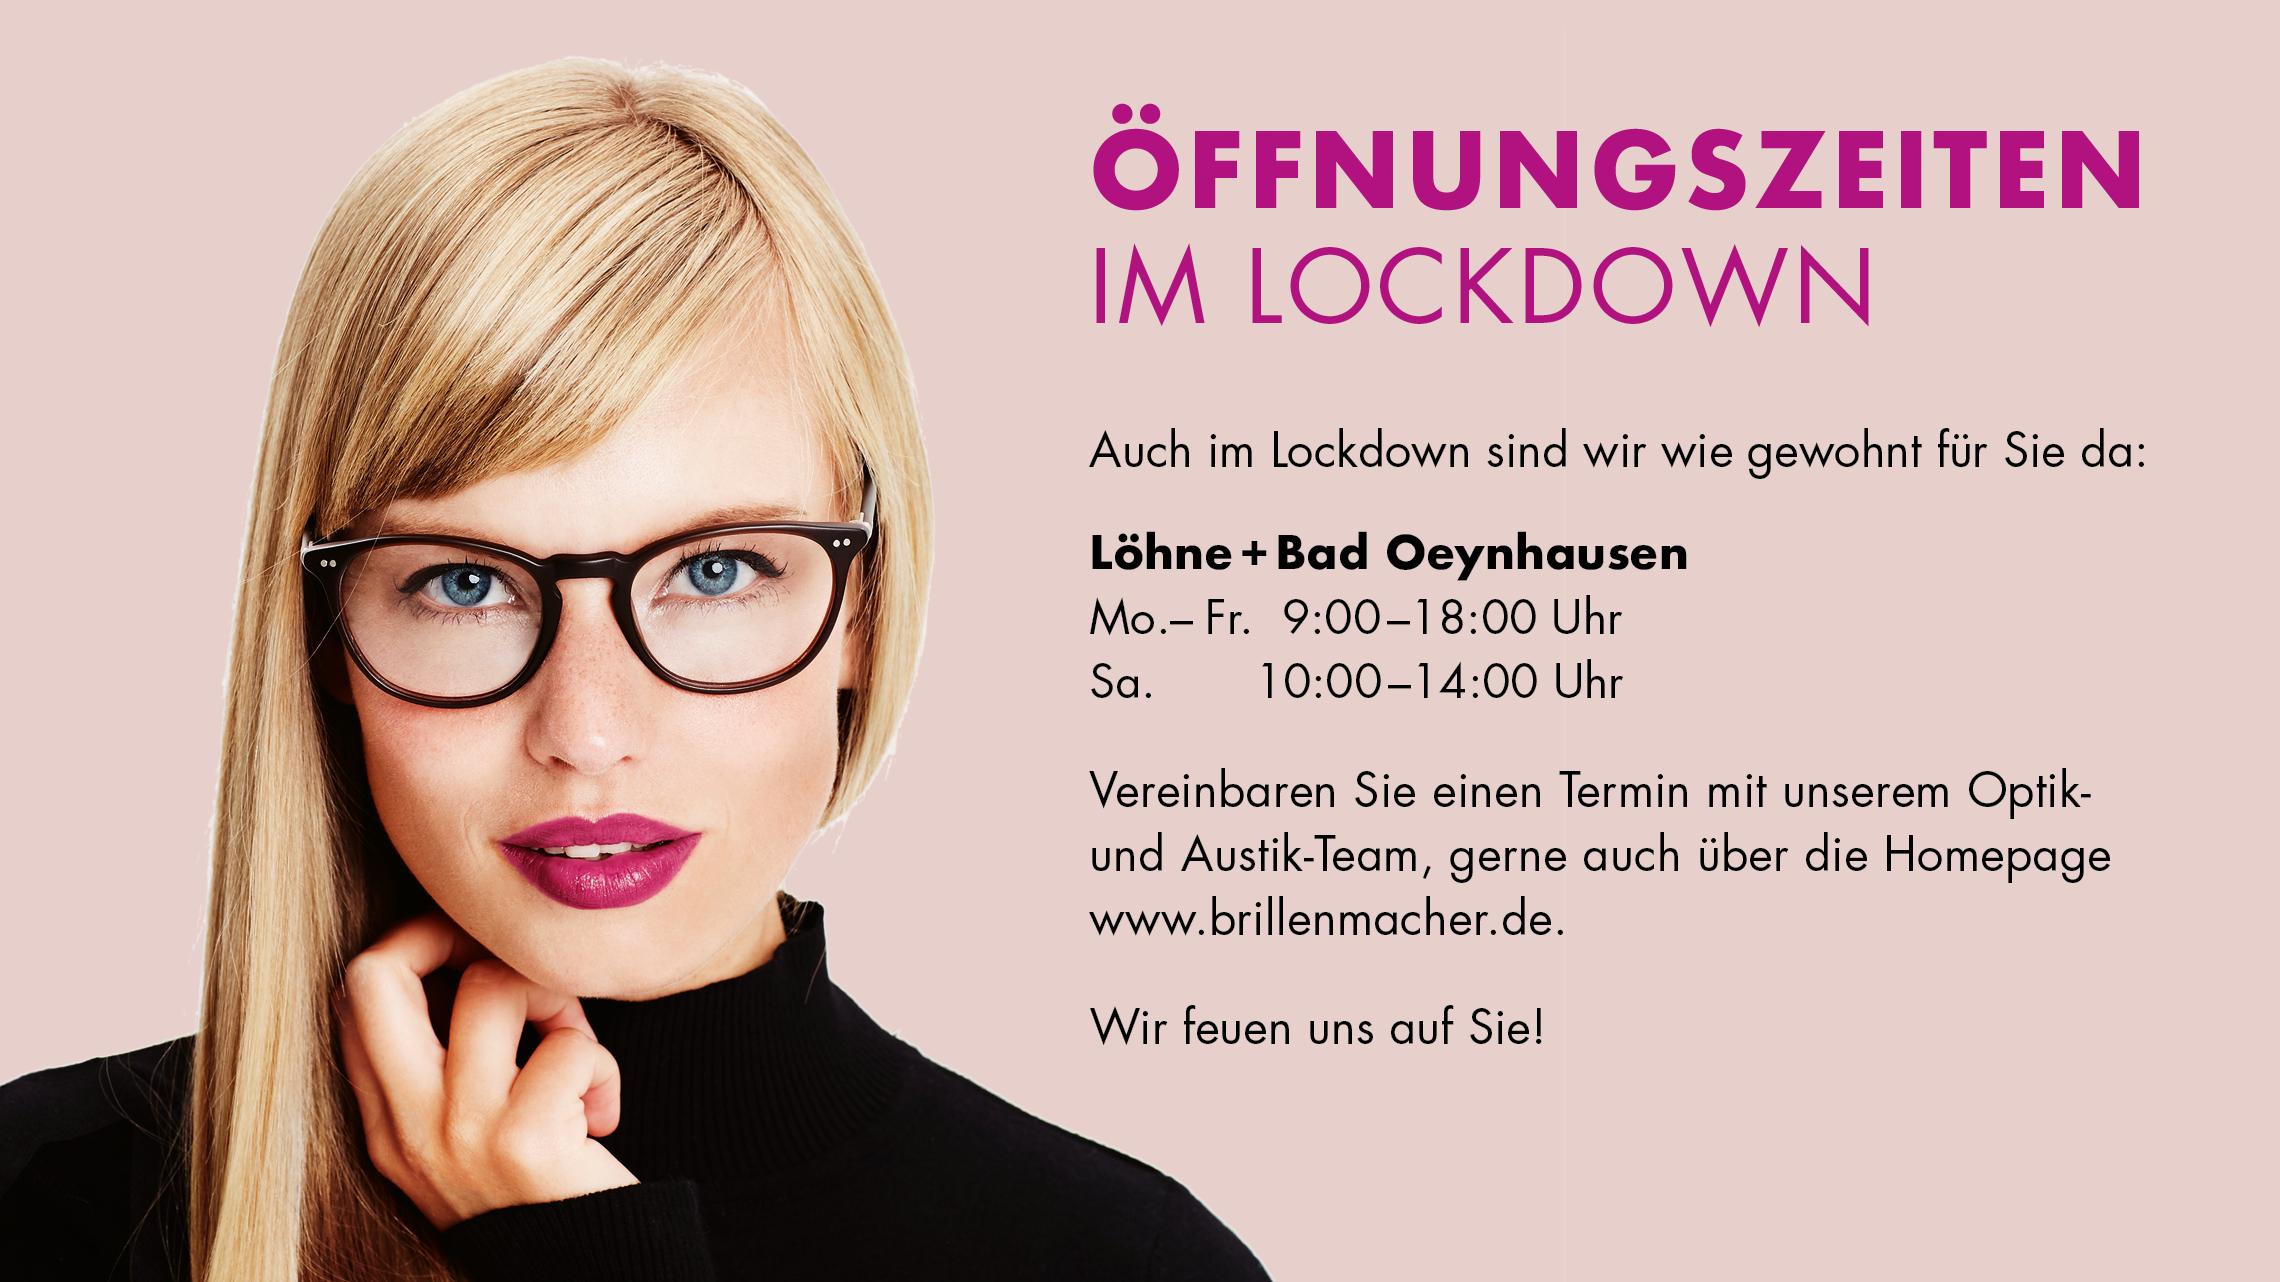 Slider_Lockdown_Oeffnungszeiten_2280x1282_Final-2